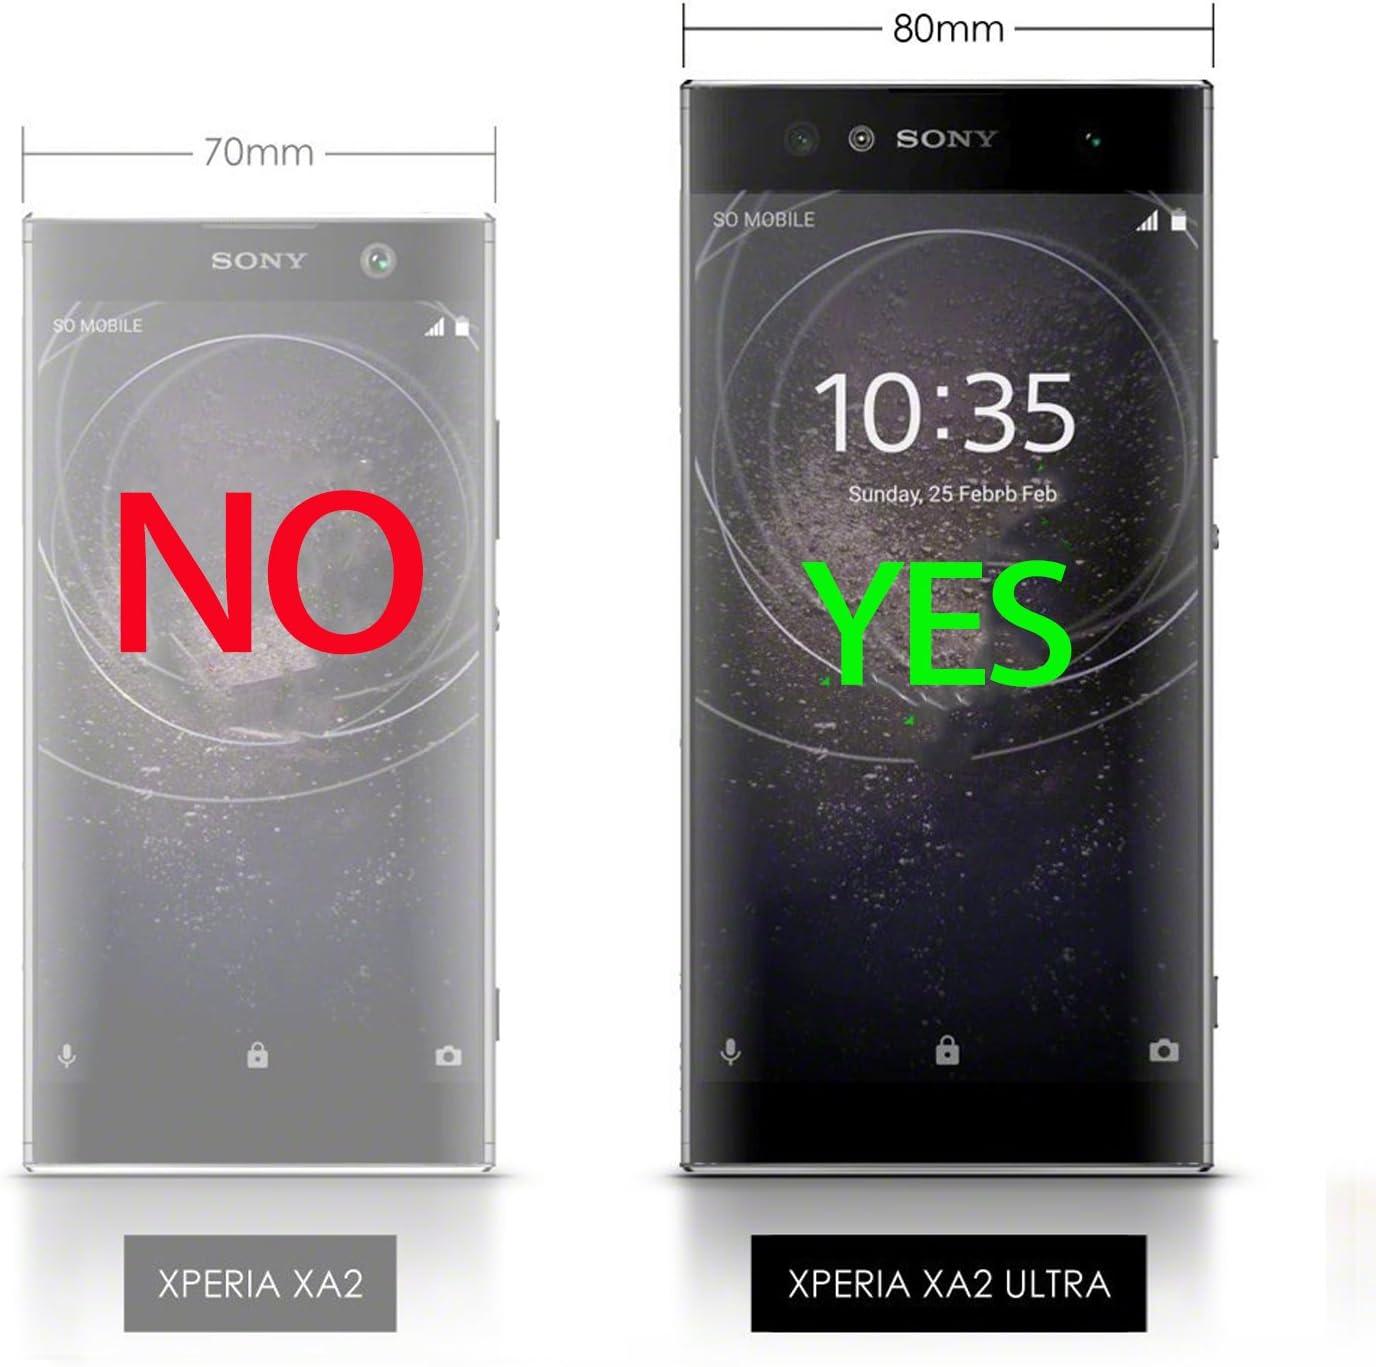 Für Sony Xperia XA2 Ultra Auto Schwanenhals Halter 25 cm XXL RICHTER HR